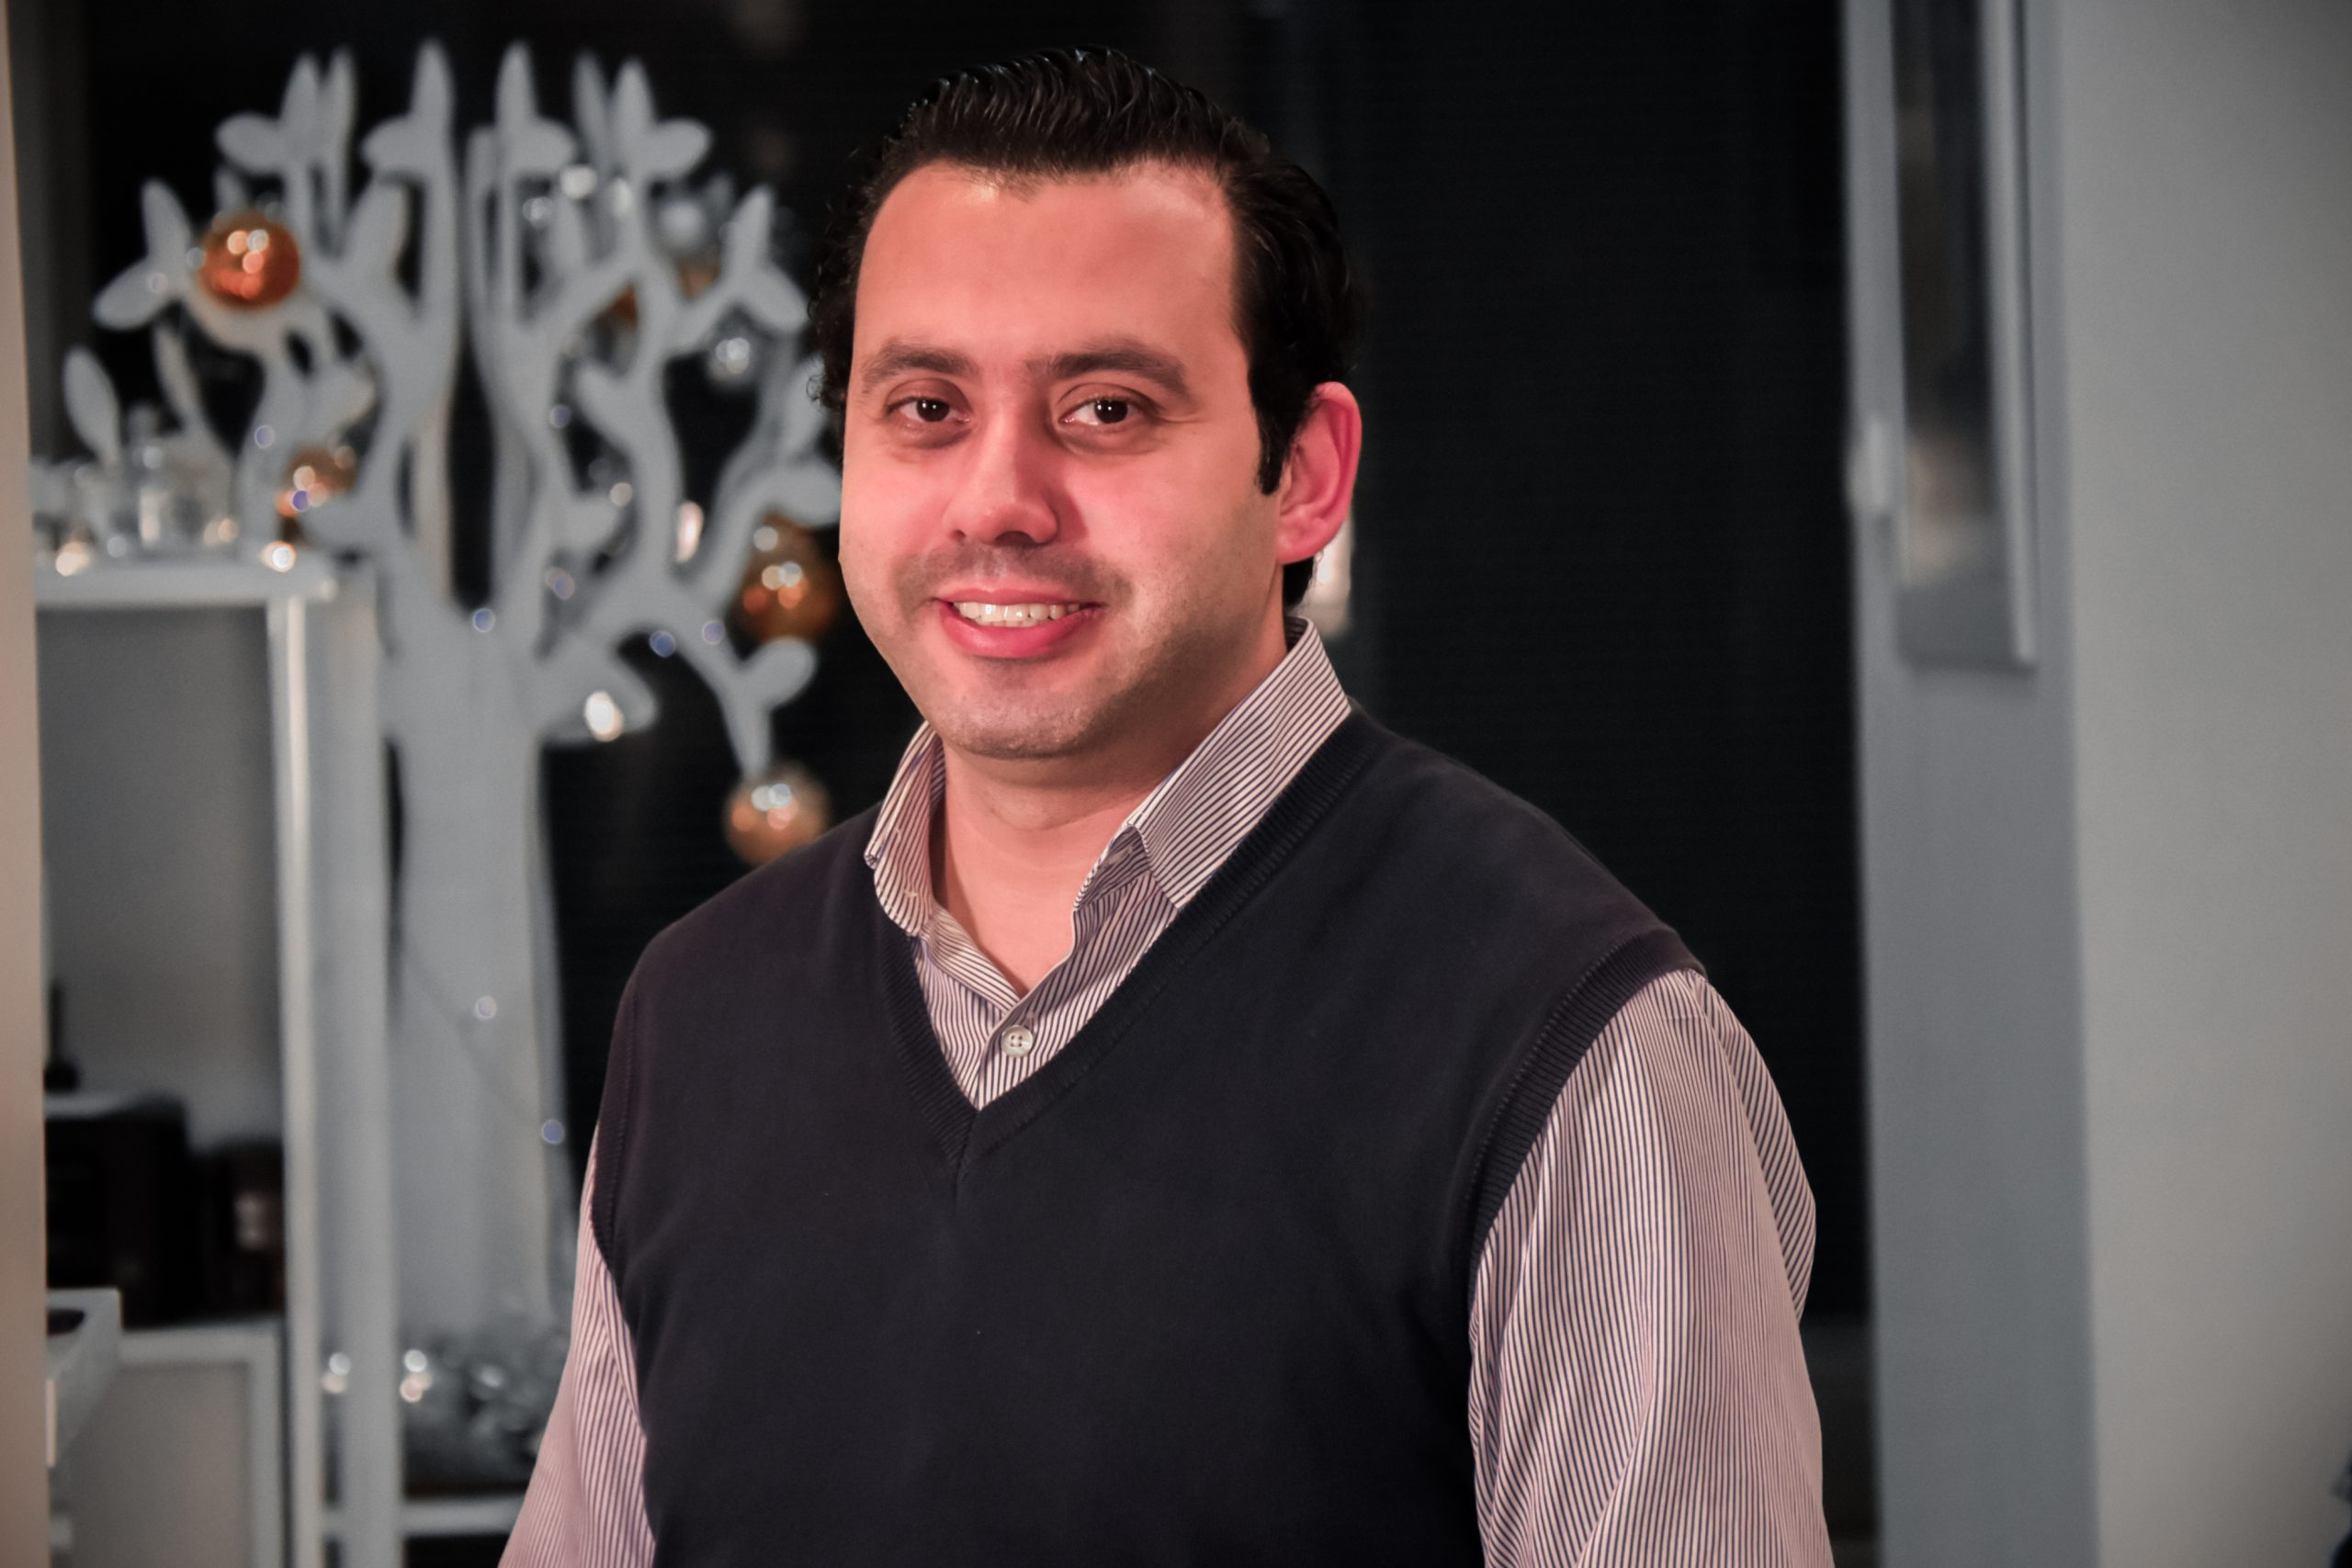 Med Amine Ghachem